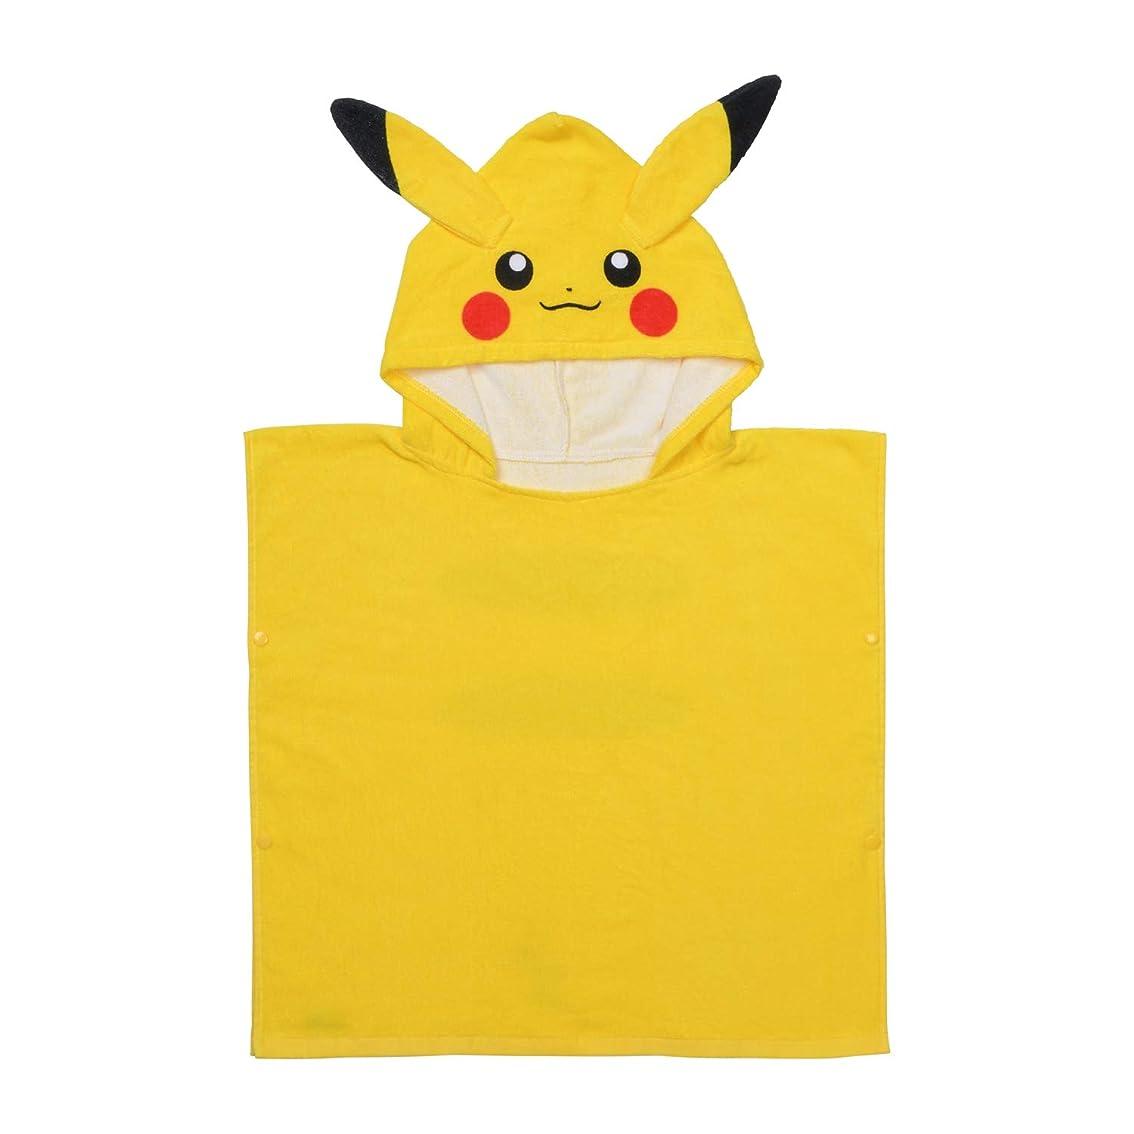 ストラップカストディアン絶縁するポケモンセンターオリジナル フード付きバスタオル Pokemon Leisure ピカチュウ KIDSサイズ